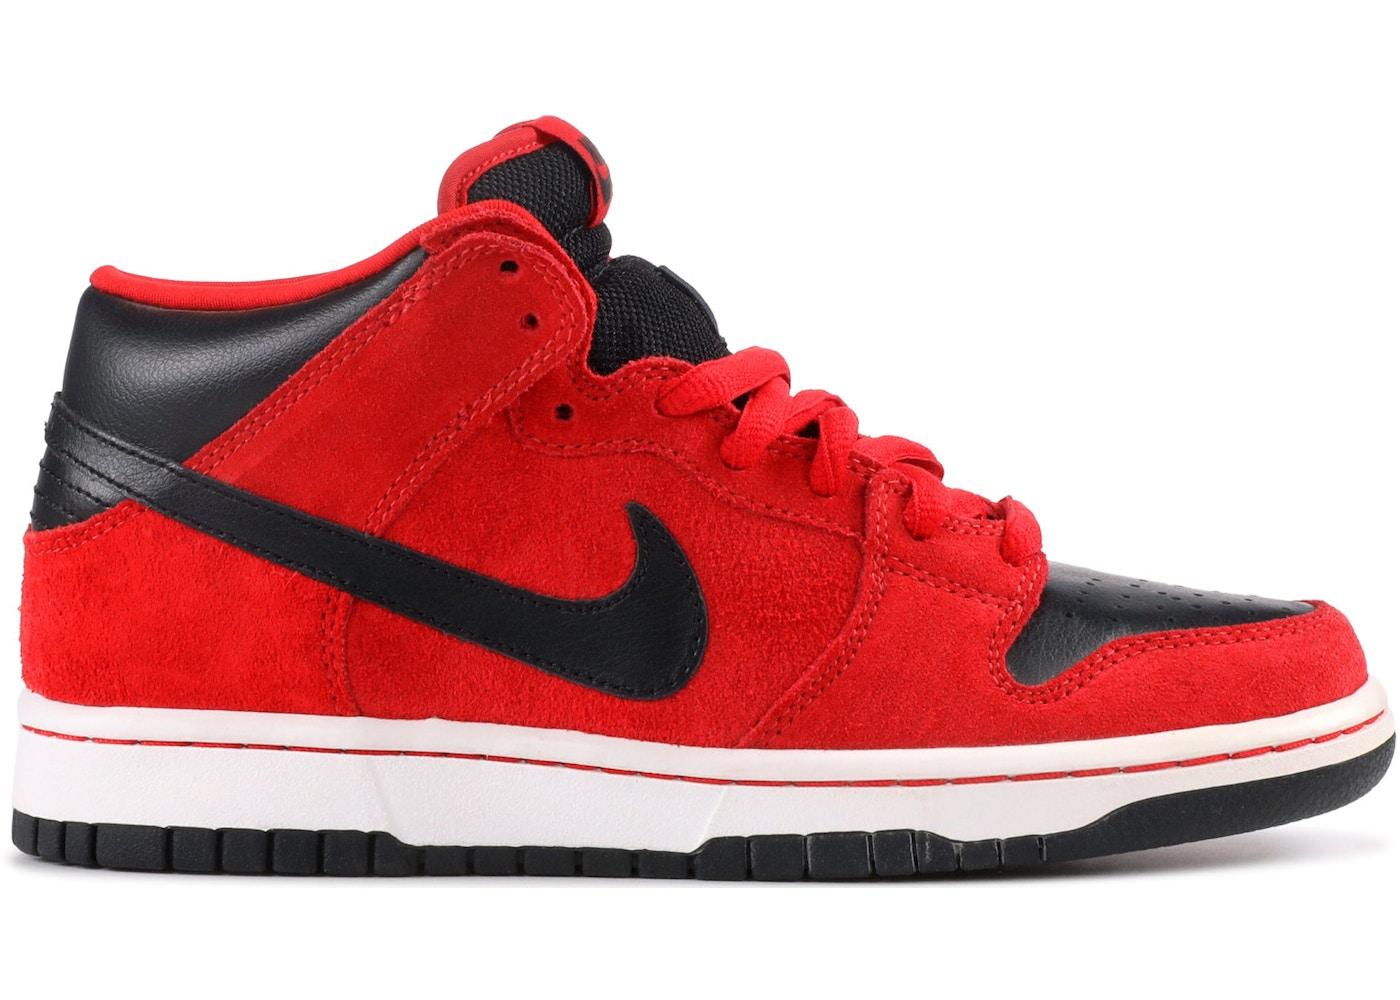 Nike SB Dunk Mid Sport Red Black - 314383-600